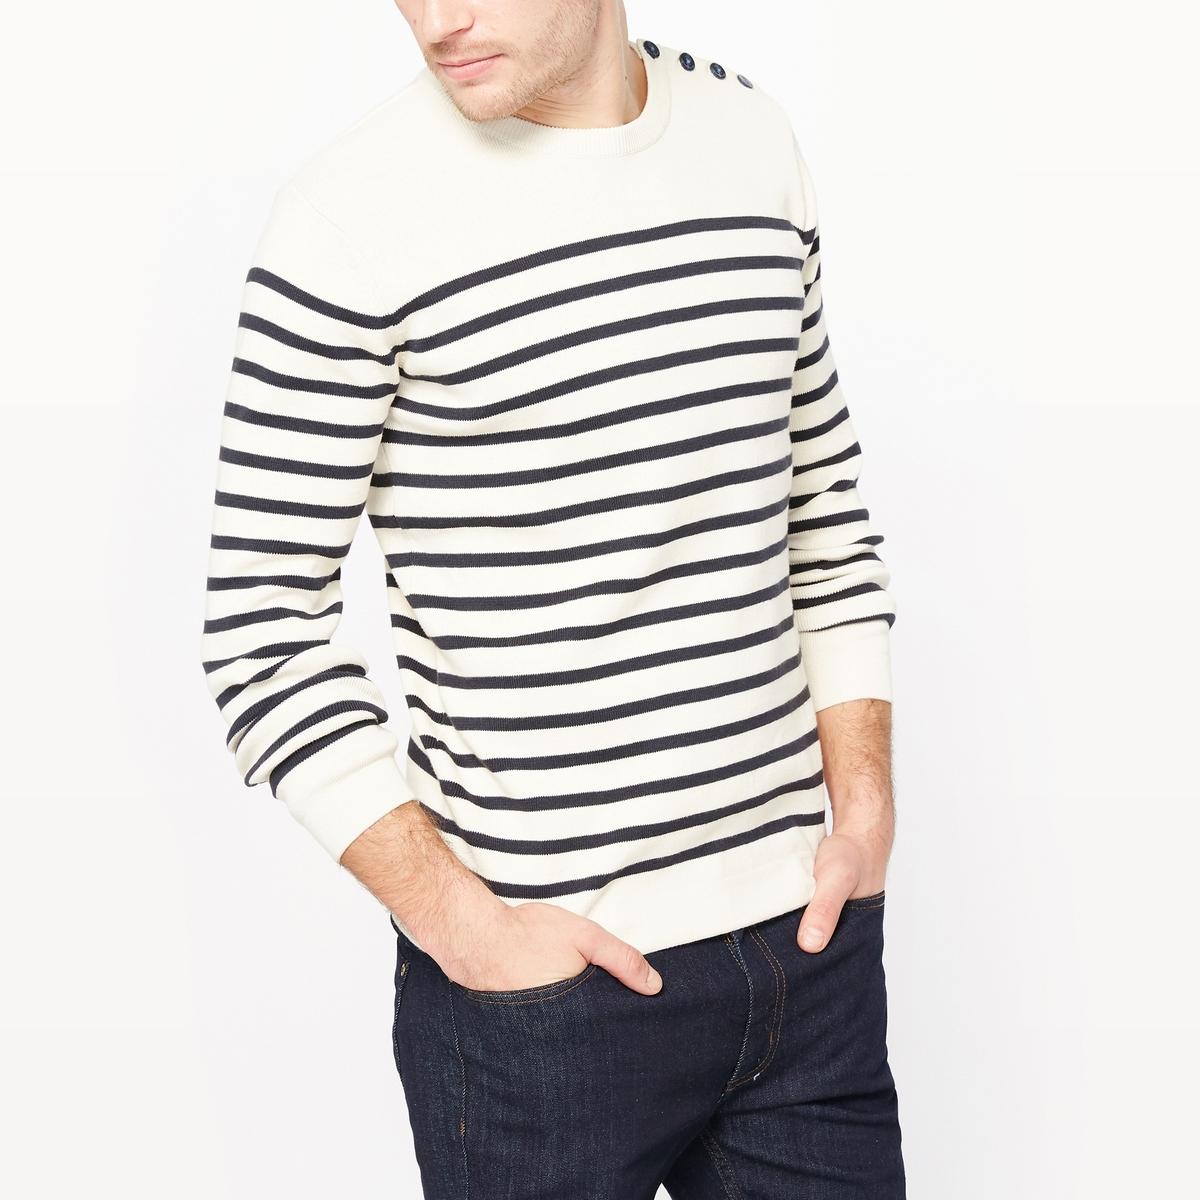 Пуловер-тельняшка с круглым вырезом, биохлопок-Oeko Tex